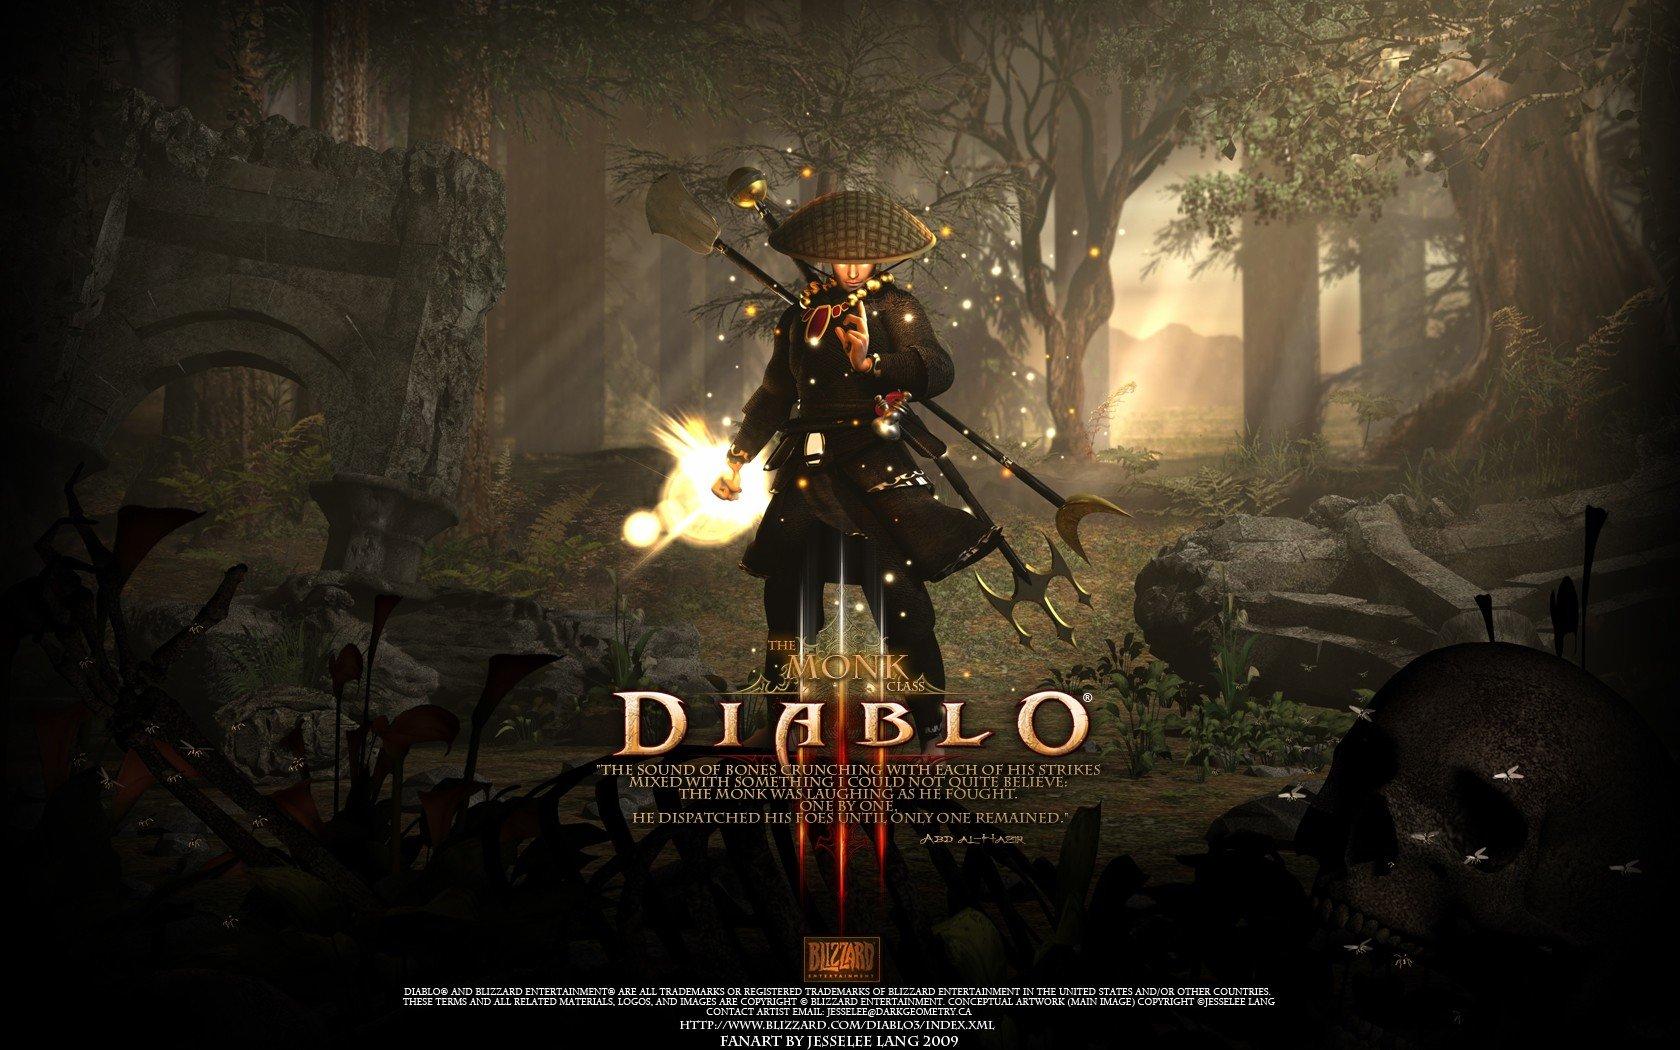 Best Diablo 3 Wallpaper Id31029 For High Resolution Hd